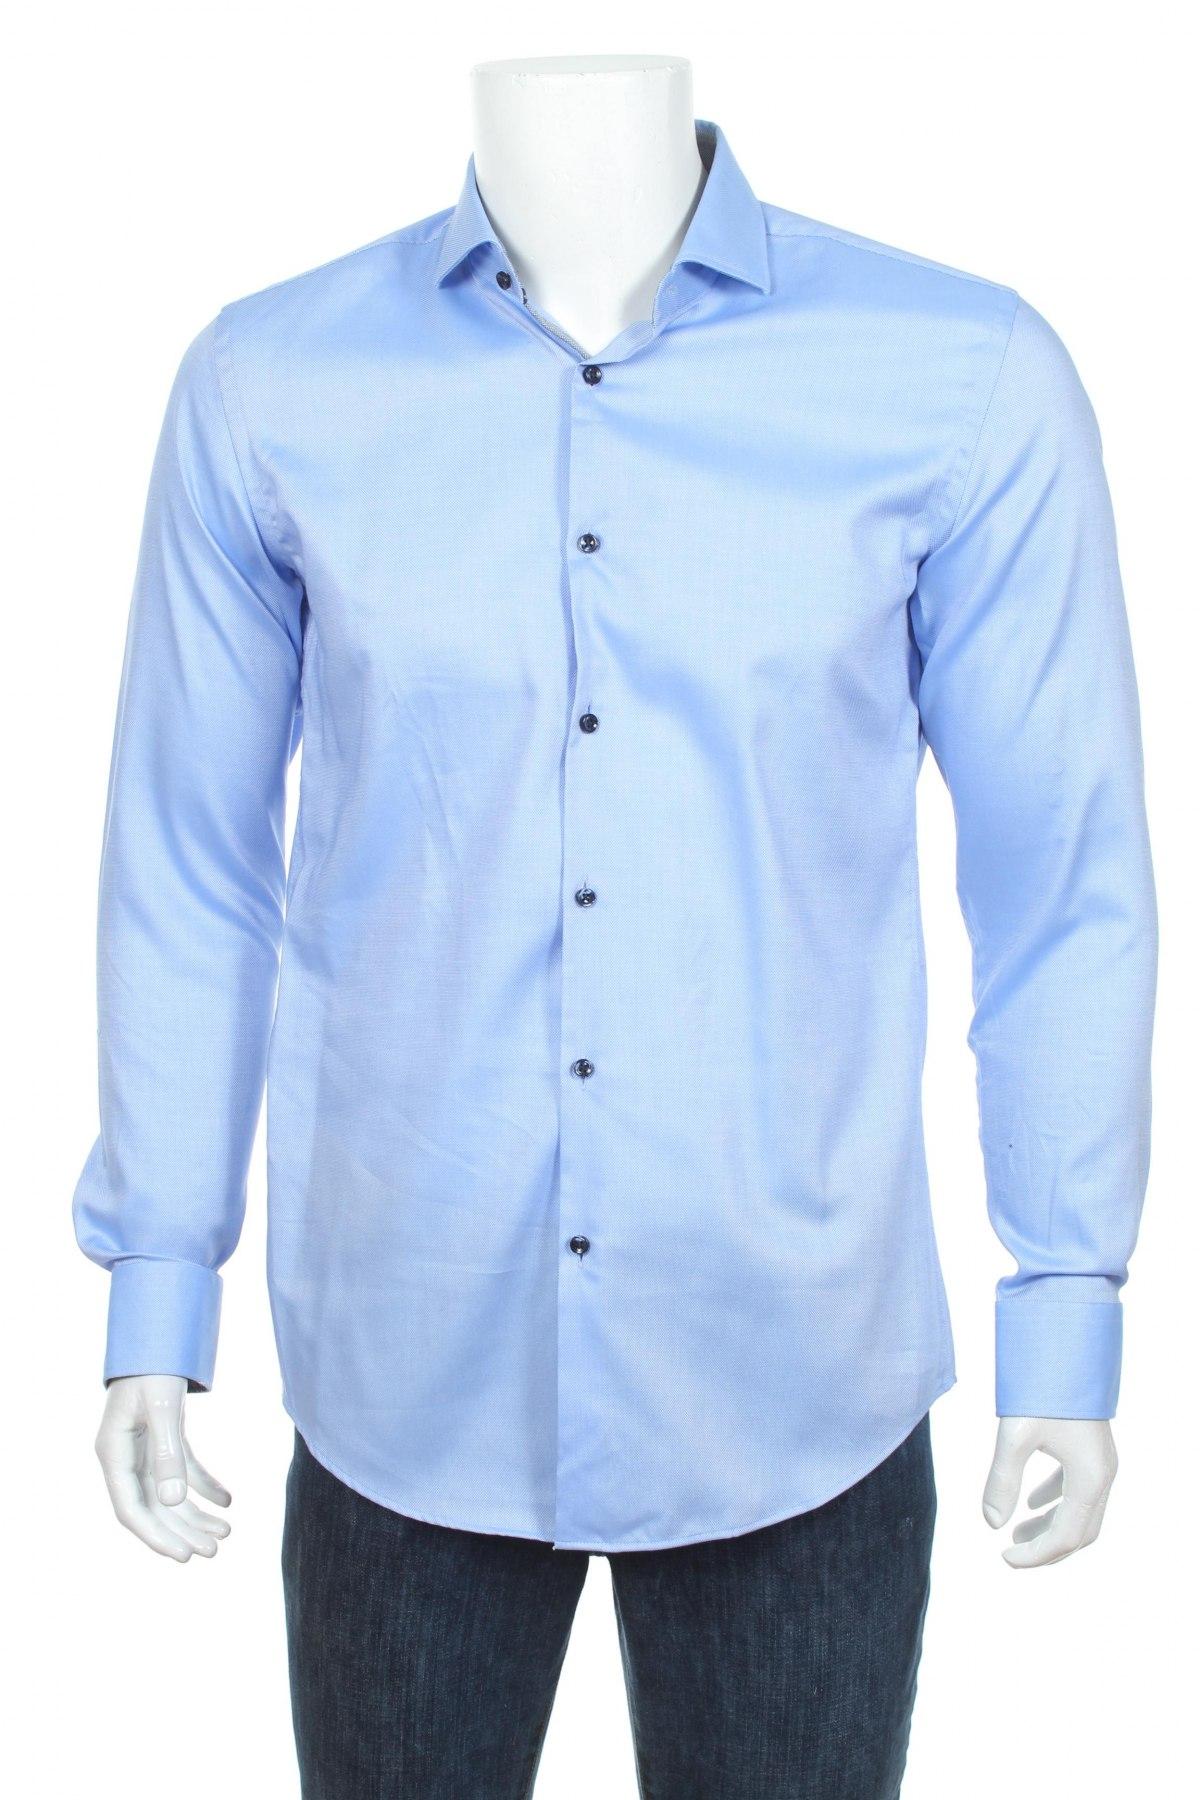 ea5a1f1e0fbdc Męska koszula Hugo Boss - kup w korzystnych cenach na Remix - #104145339